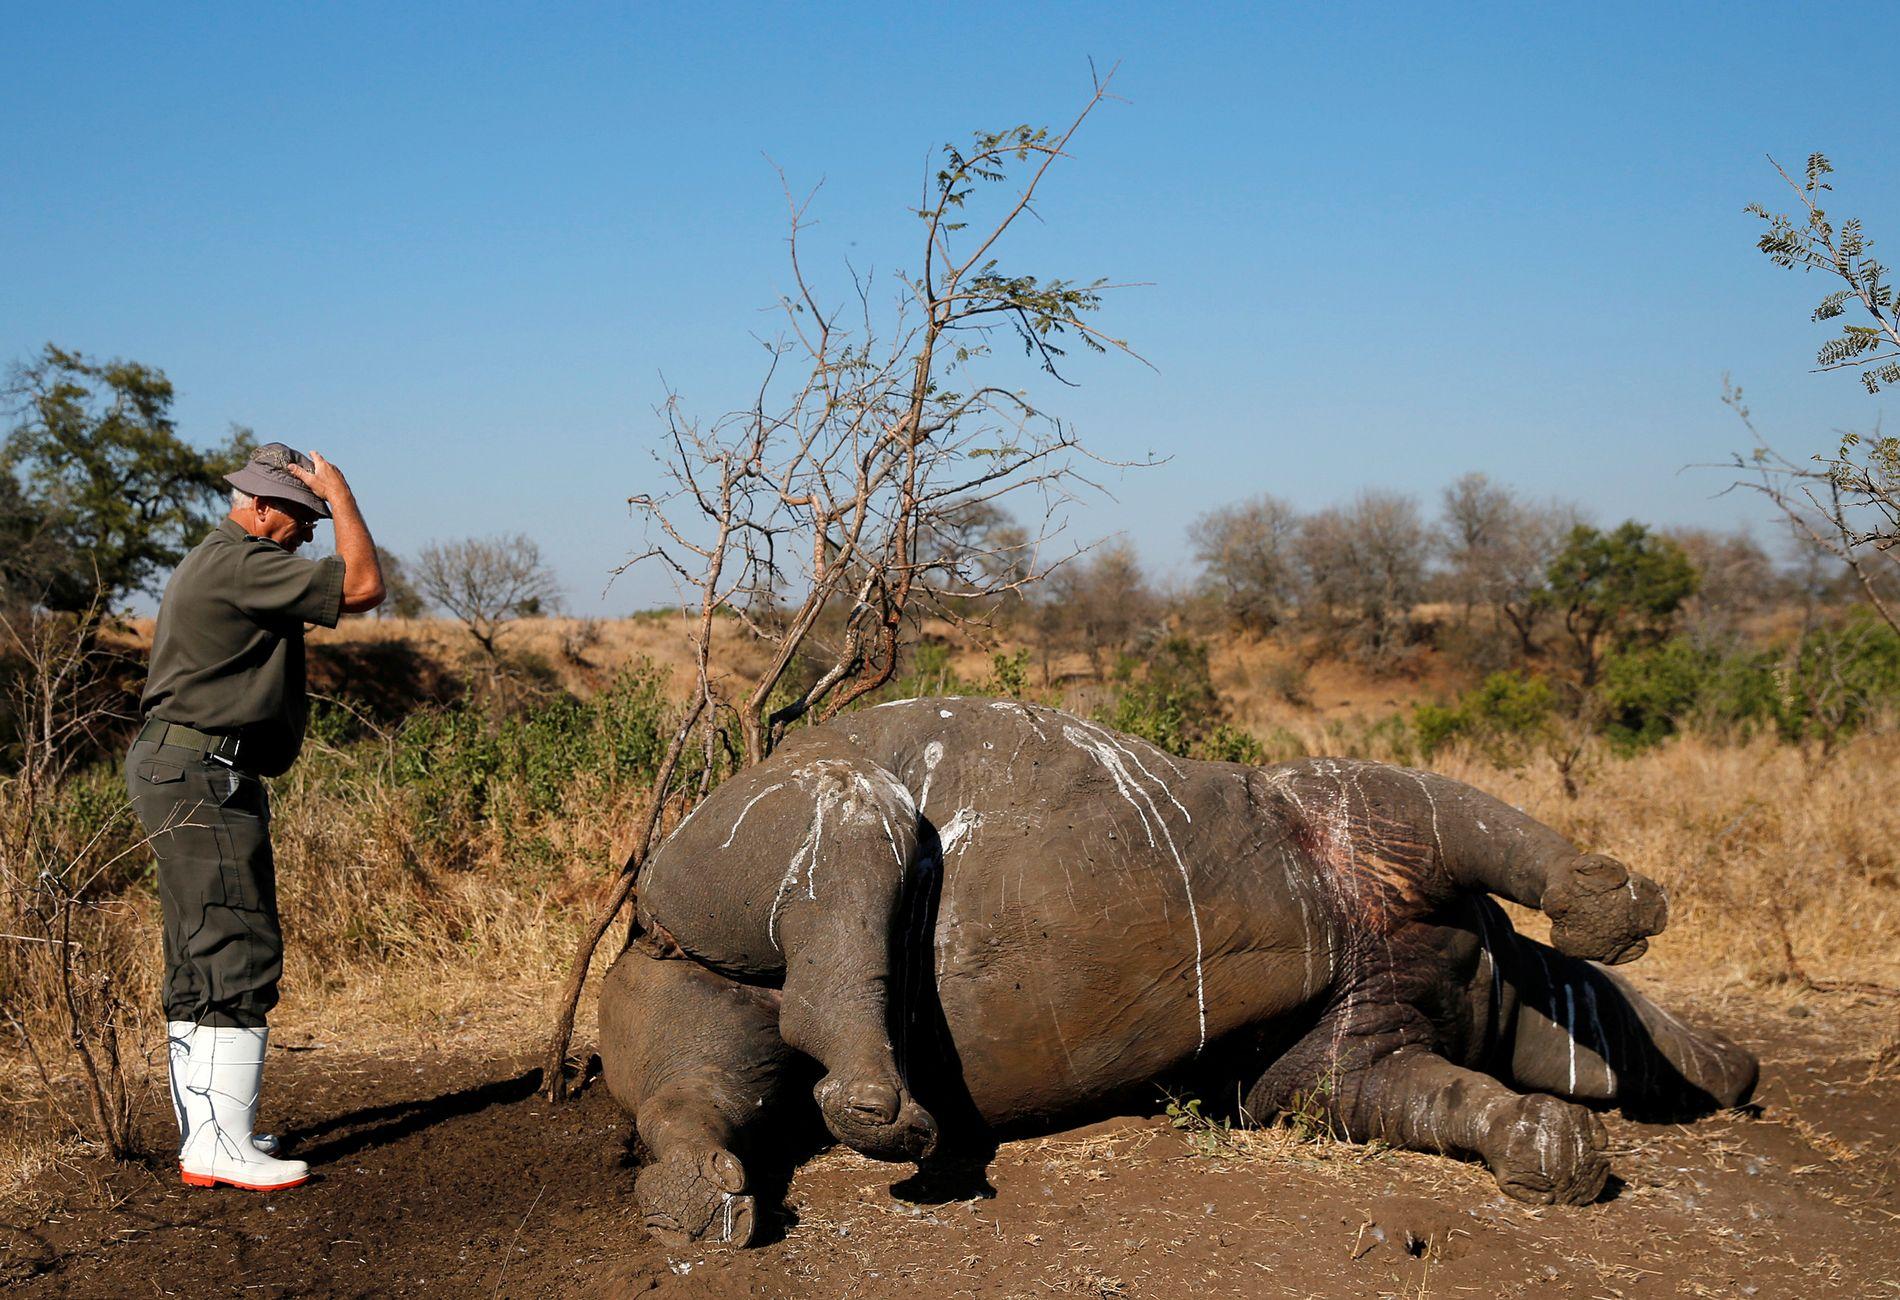 SISTE HILSEN: En parkvokter i nasjonalparken Kruger i Sør-Afrika gir et neshorn skutt av snikskyttere i august 2014 en siste hilsen.